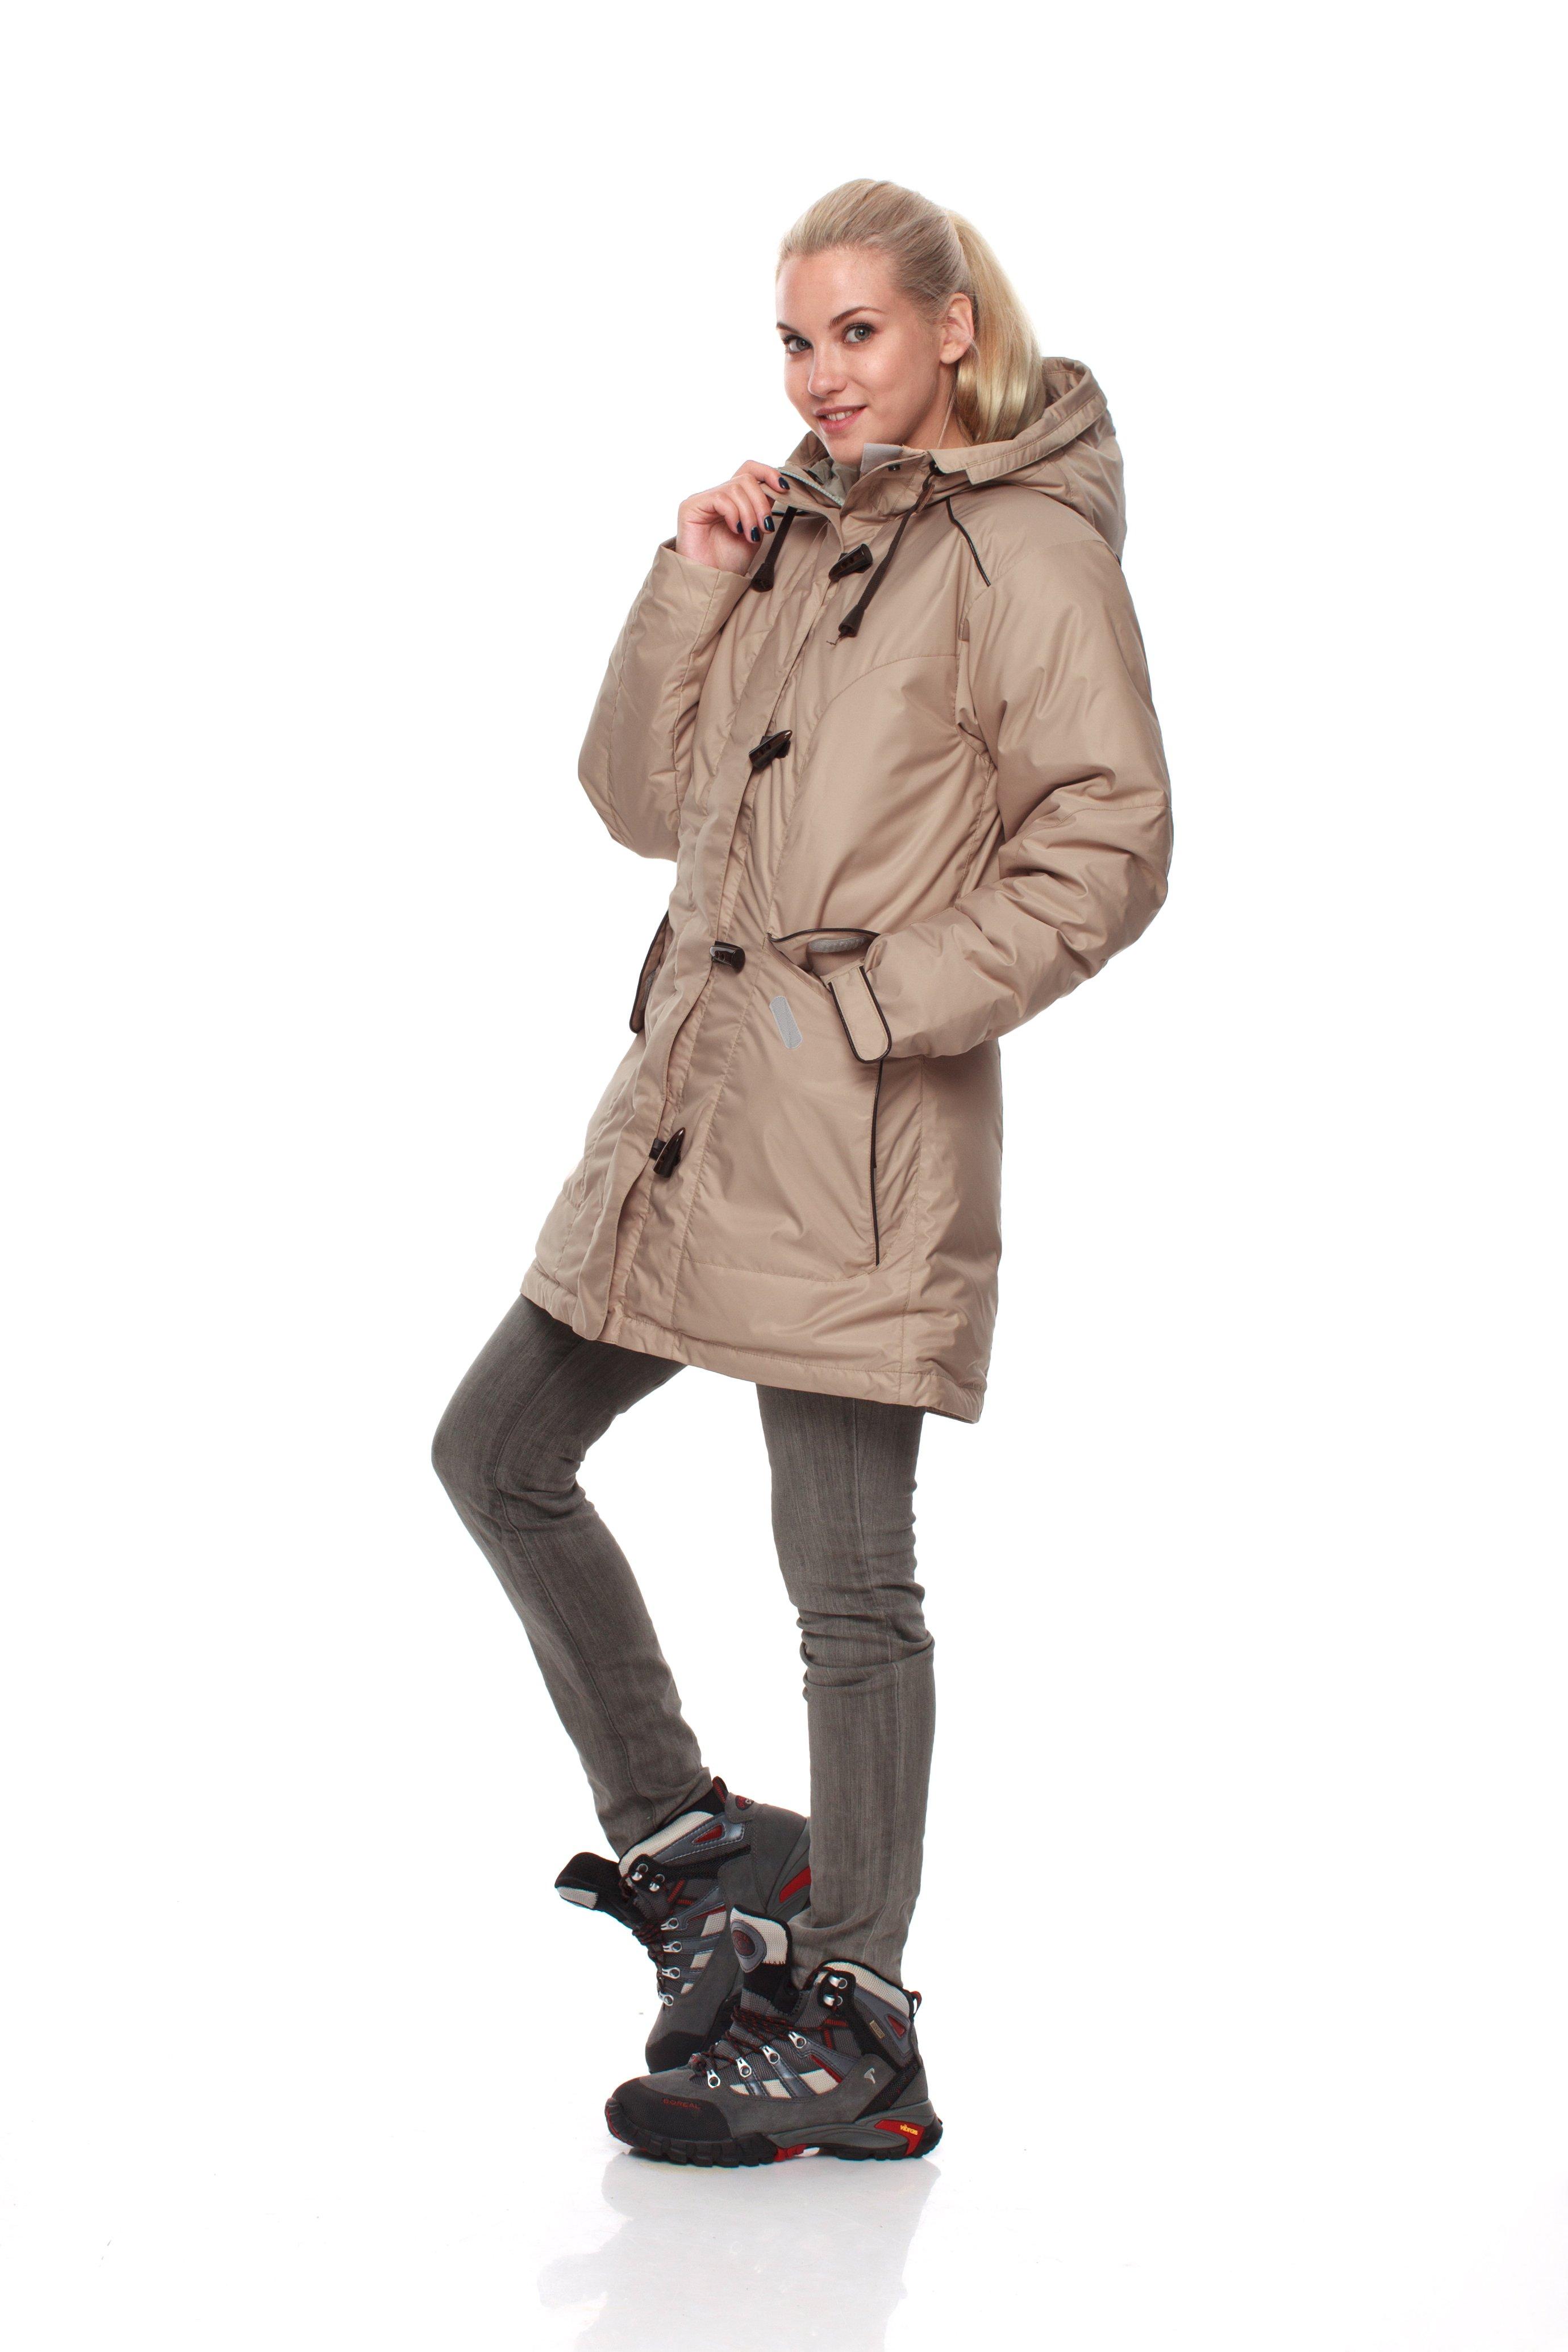 Пуховая куртка BASK ALBERTA 4707Куртки<br>Зимняя классическая женская куртка в стиле &amp;laquo;аляска&amp;raquo;.<br><br>&quot;Дышащие&quot; свойства: Да<br>Верхняя ткань: Avenu Duoran<br>Вес граммы: 1200<br>Вес утеплителя: 249<br>Ветро-влагозащитные свойства верхней ткани: Да<br>Ветрозащитная планка: Да<br>Ветрозащитная юбка: Нет<br>Влагозащитные молнии: Нет<br>Внутренние манжеты: Нет<br>Внутренняя ткань: Advance® Classic<br>Водонепроницаемость: 3000<br>Дублирующий центральную молнию клапан: Да<br>Защитный козырёк капюшона: Нет<br>Капюшон: Несъемный<br>Карман для средств связи: Да<br>Количество внешних карманов: 4<br>Количество внутренних карманов: 2<br>Коллекция: OUTDOOR SPIRIT ADVENTURE TEAM<br>Мембрана: Resist<br>Объемный крой локтевой зоны: Да<br>Отстёгивающиеся рукава: Нет<br>Паропроницаемость: 3000<br>Показатель Fill Power (для пуховых изделий): 650<br>Пол: Женский<br>Проклейка швов: Нет<br>Регулировка манжетов рукавов: Да<br>Регулировка низа: Да<br>Регулировка объёма капюшона: Да<br>Регулировка талии: Да<br>Регулируемые вентиляционные отверстия: Нет<br>Световозвращающая лента: Нет<br>Температурный режим: -25<br>Технология Thermal Welding: Нет<br>Технология швов: Закрытые<br>Тип молнии: Двухзамковая<br>Тип утеплителя: Натуральный<br>Ткань усиления: нет<br>Усиление контактных зон: Нет<br>Утеплитель: Гусиный пух<br>Размер INT: XS<br>Цвет: ЧЕРНЫЙ